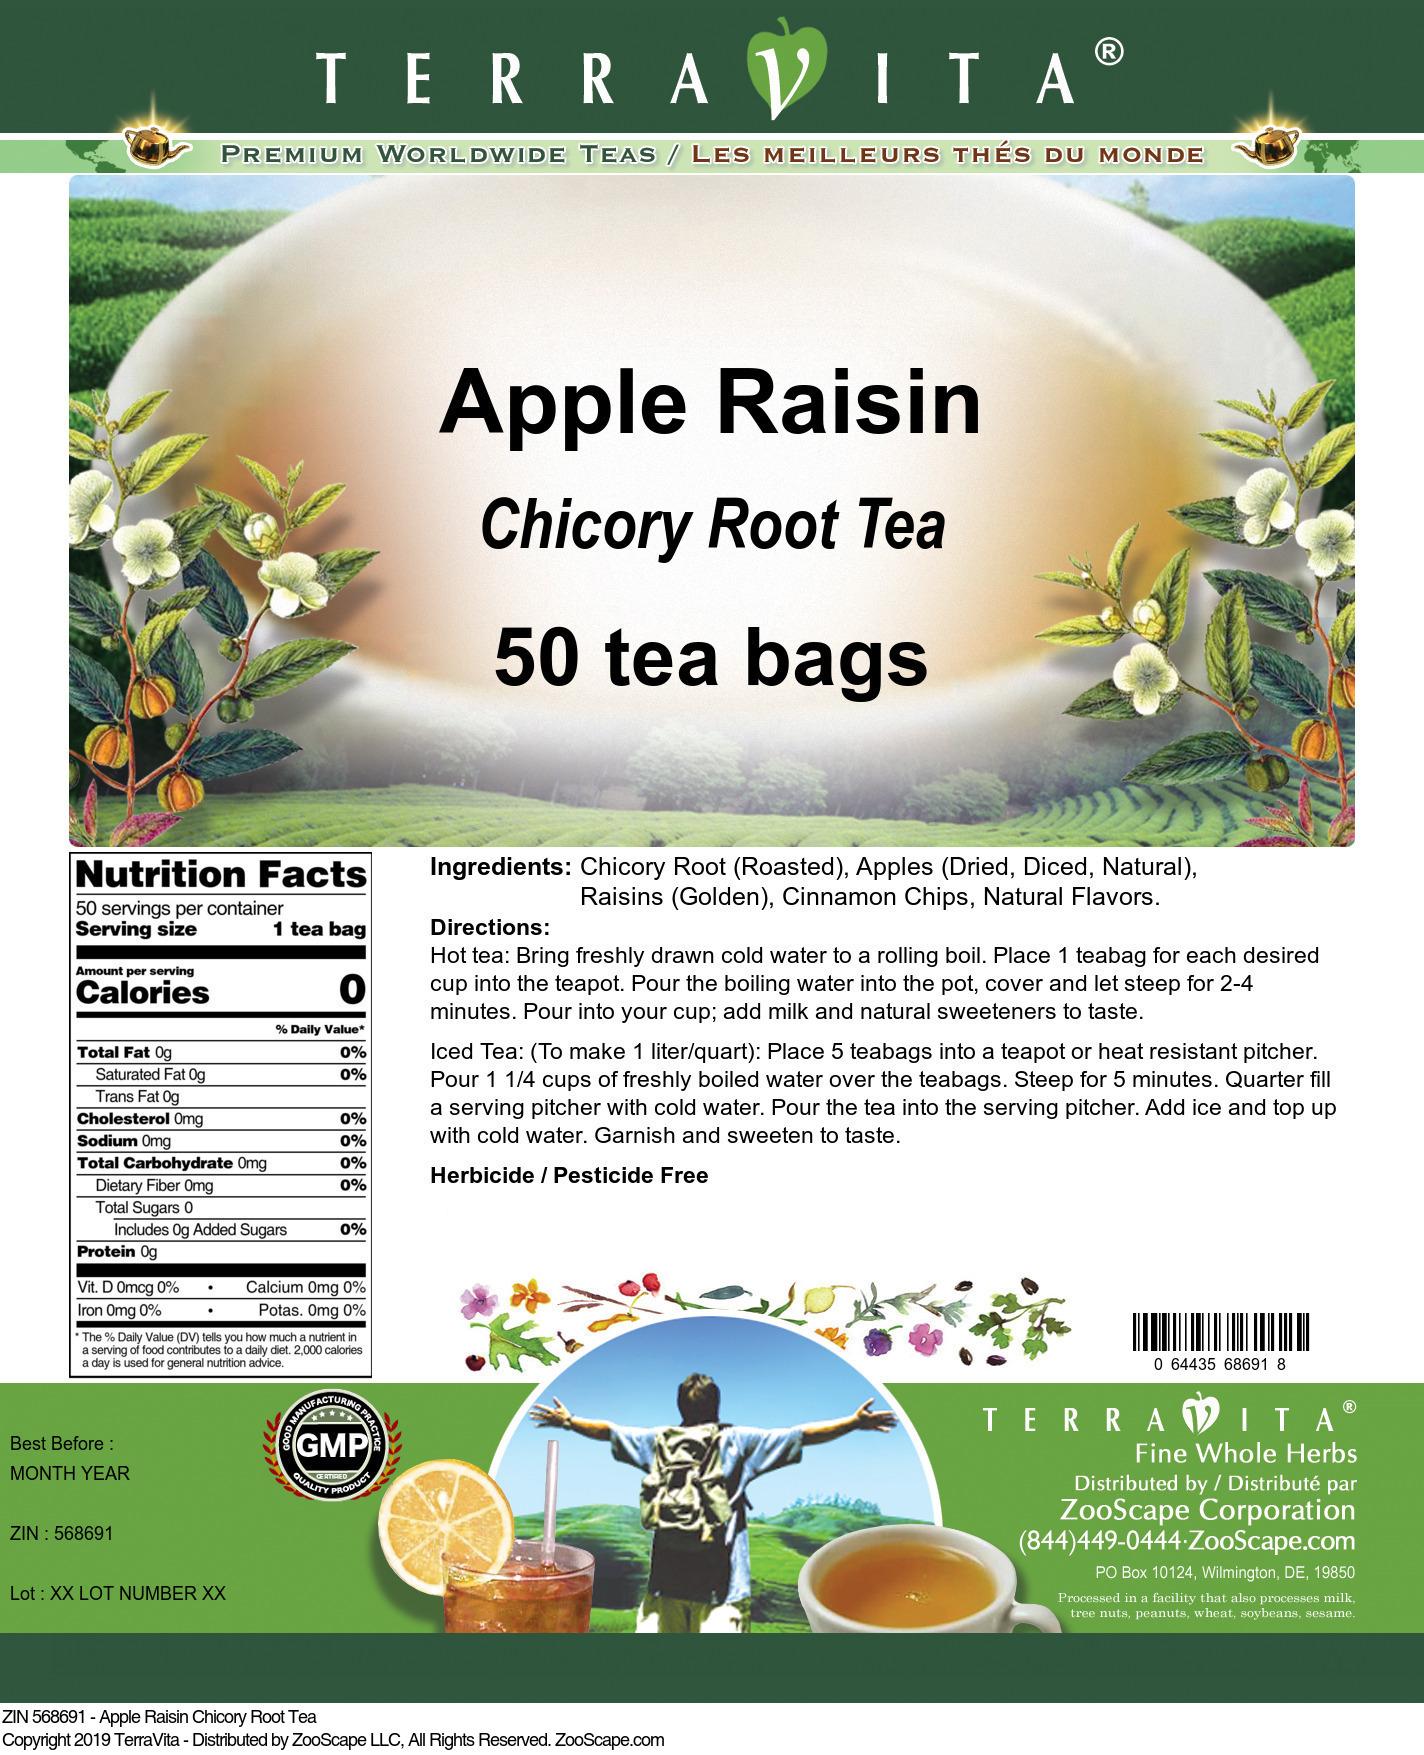 Apple Raisin Chicory Root